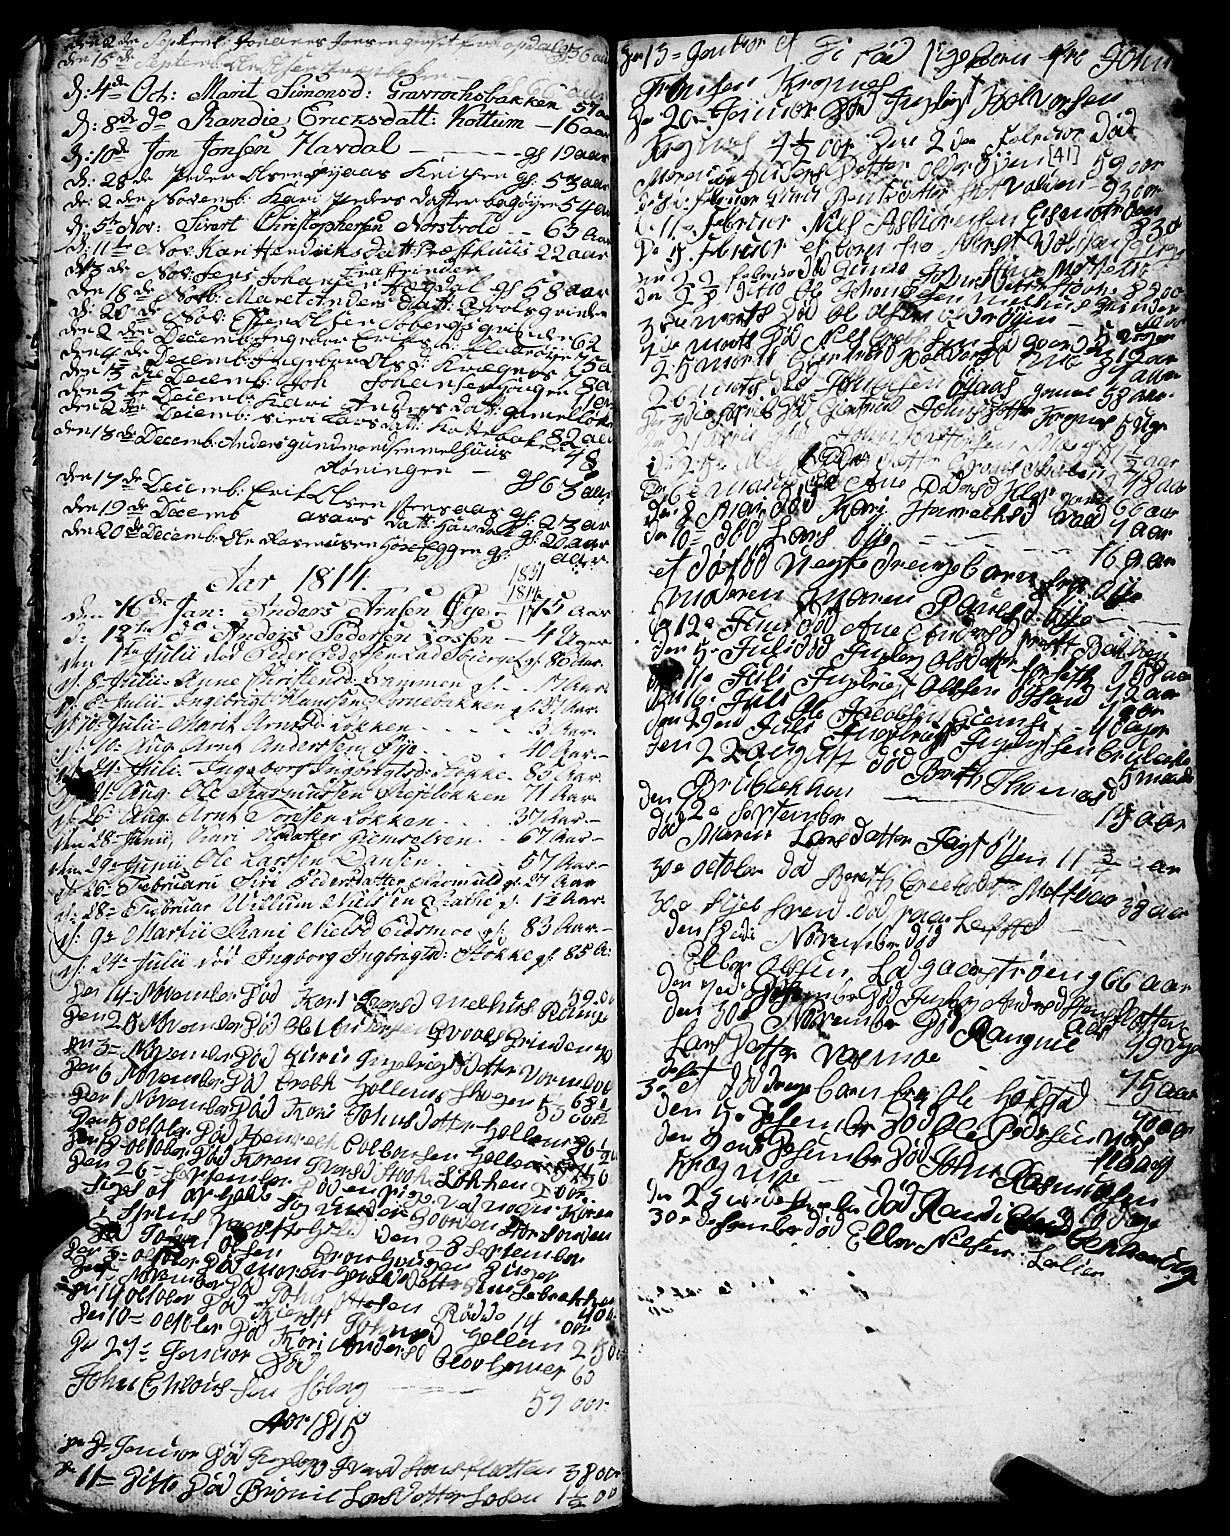 SAT, Ministerialprotokoller, klokkerbøker og fødselsregistre - Sør-Trøndelag, 691/L1091: Klokkerbok nr. 691C02, 1802-1815, s. 41